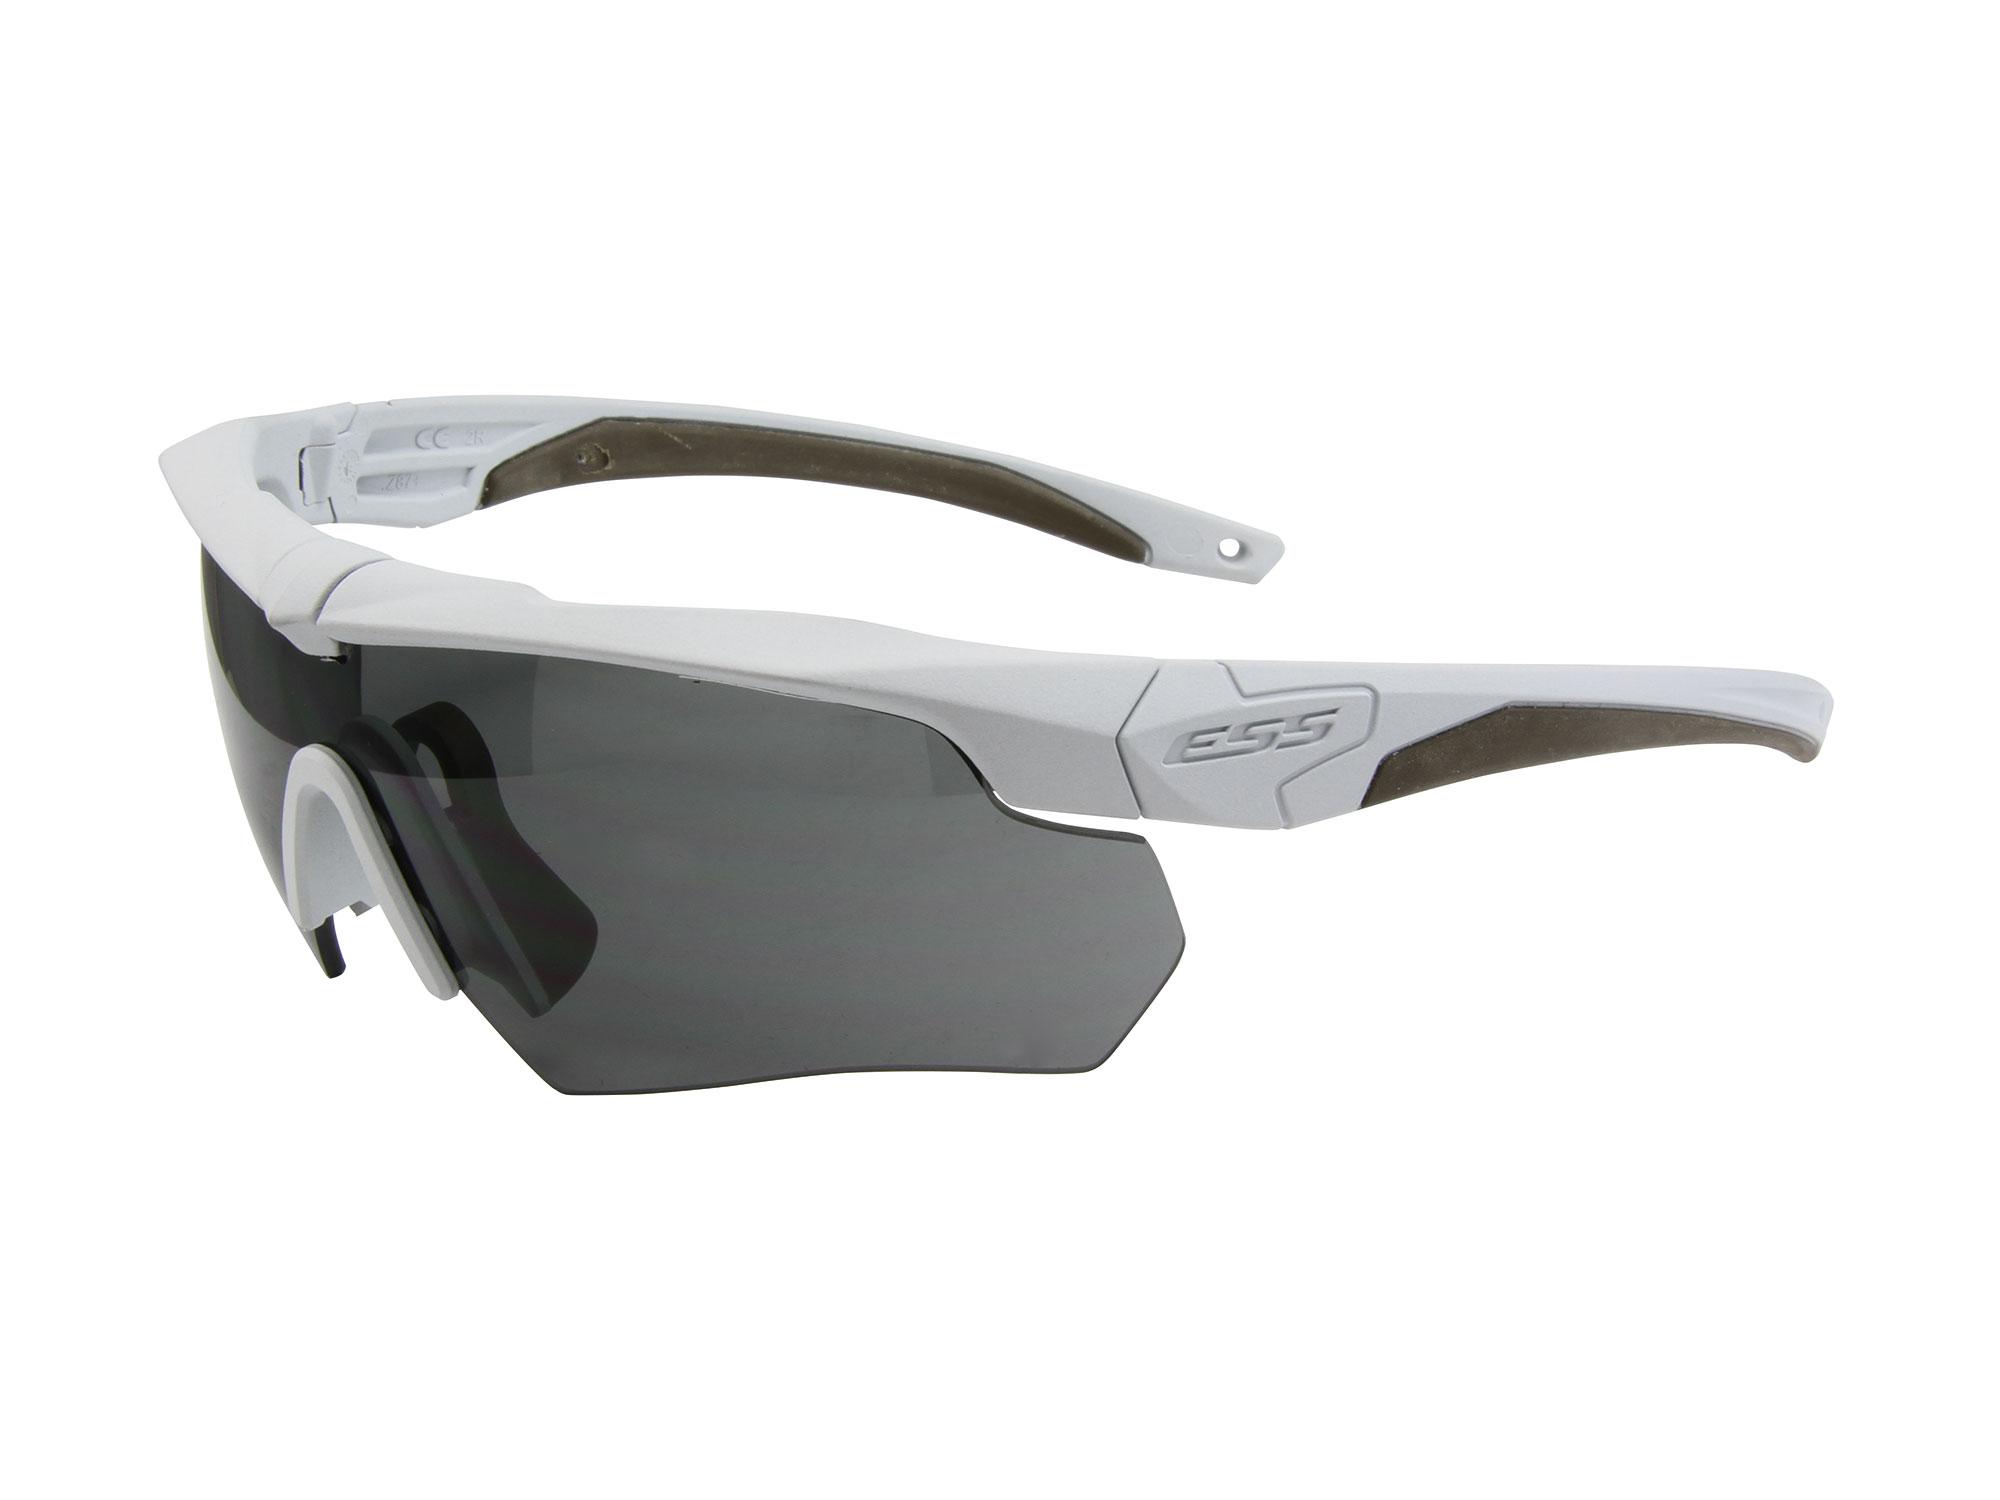 740-1002フレーム:ヒデンホワイト、レンズ:スモークグレイ